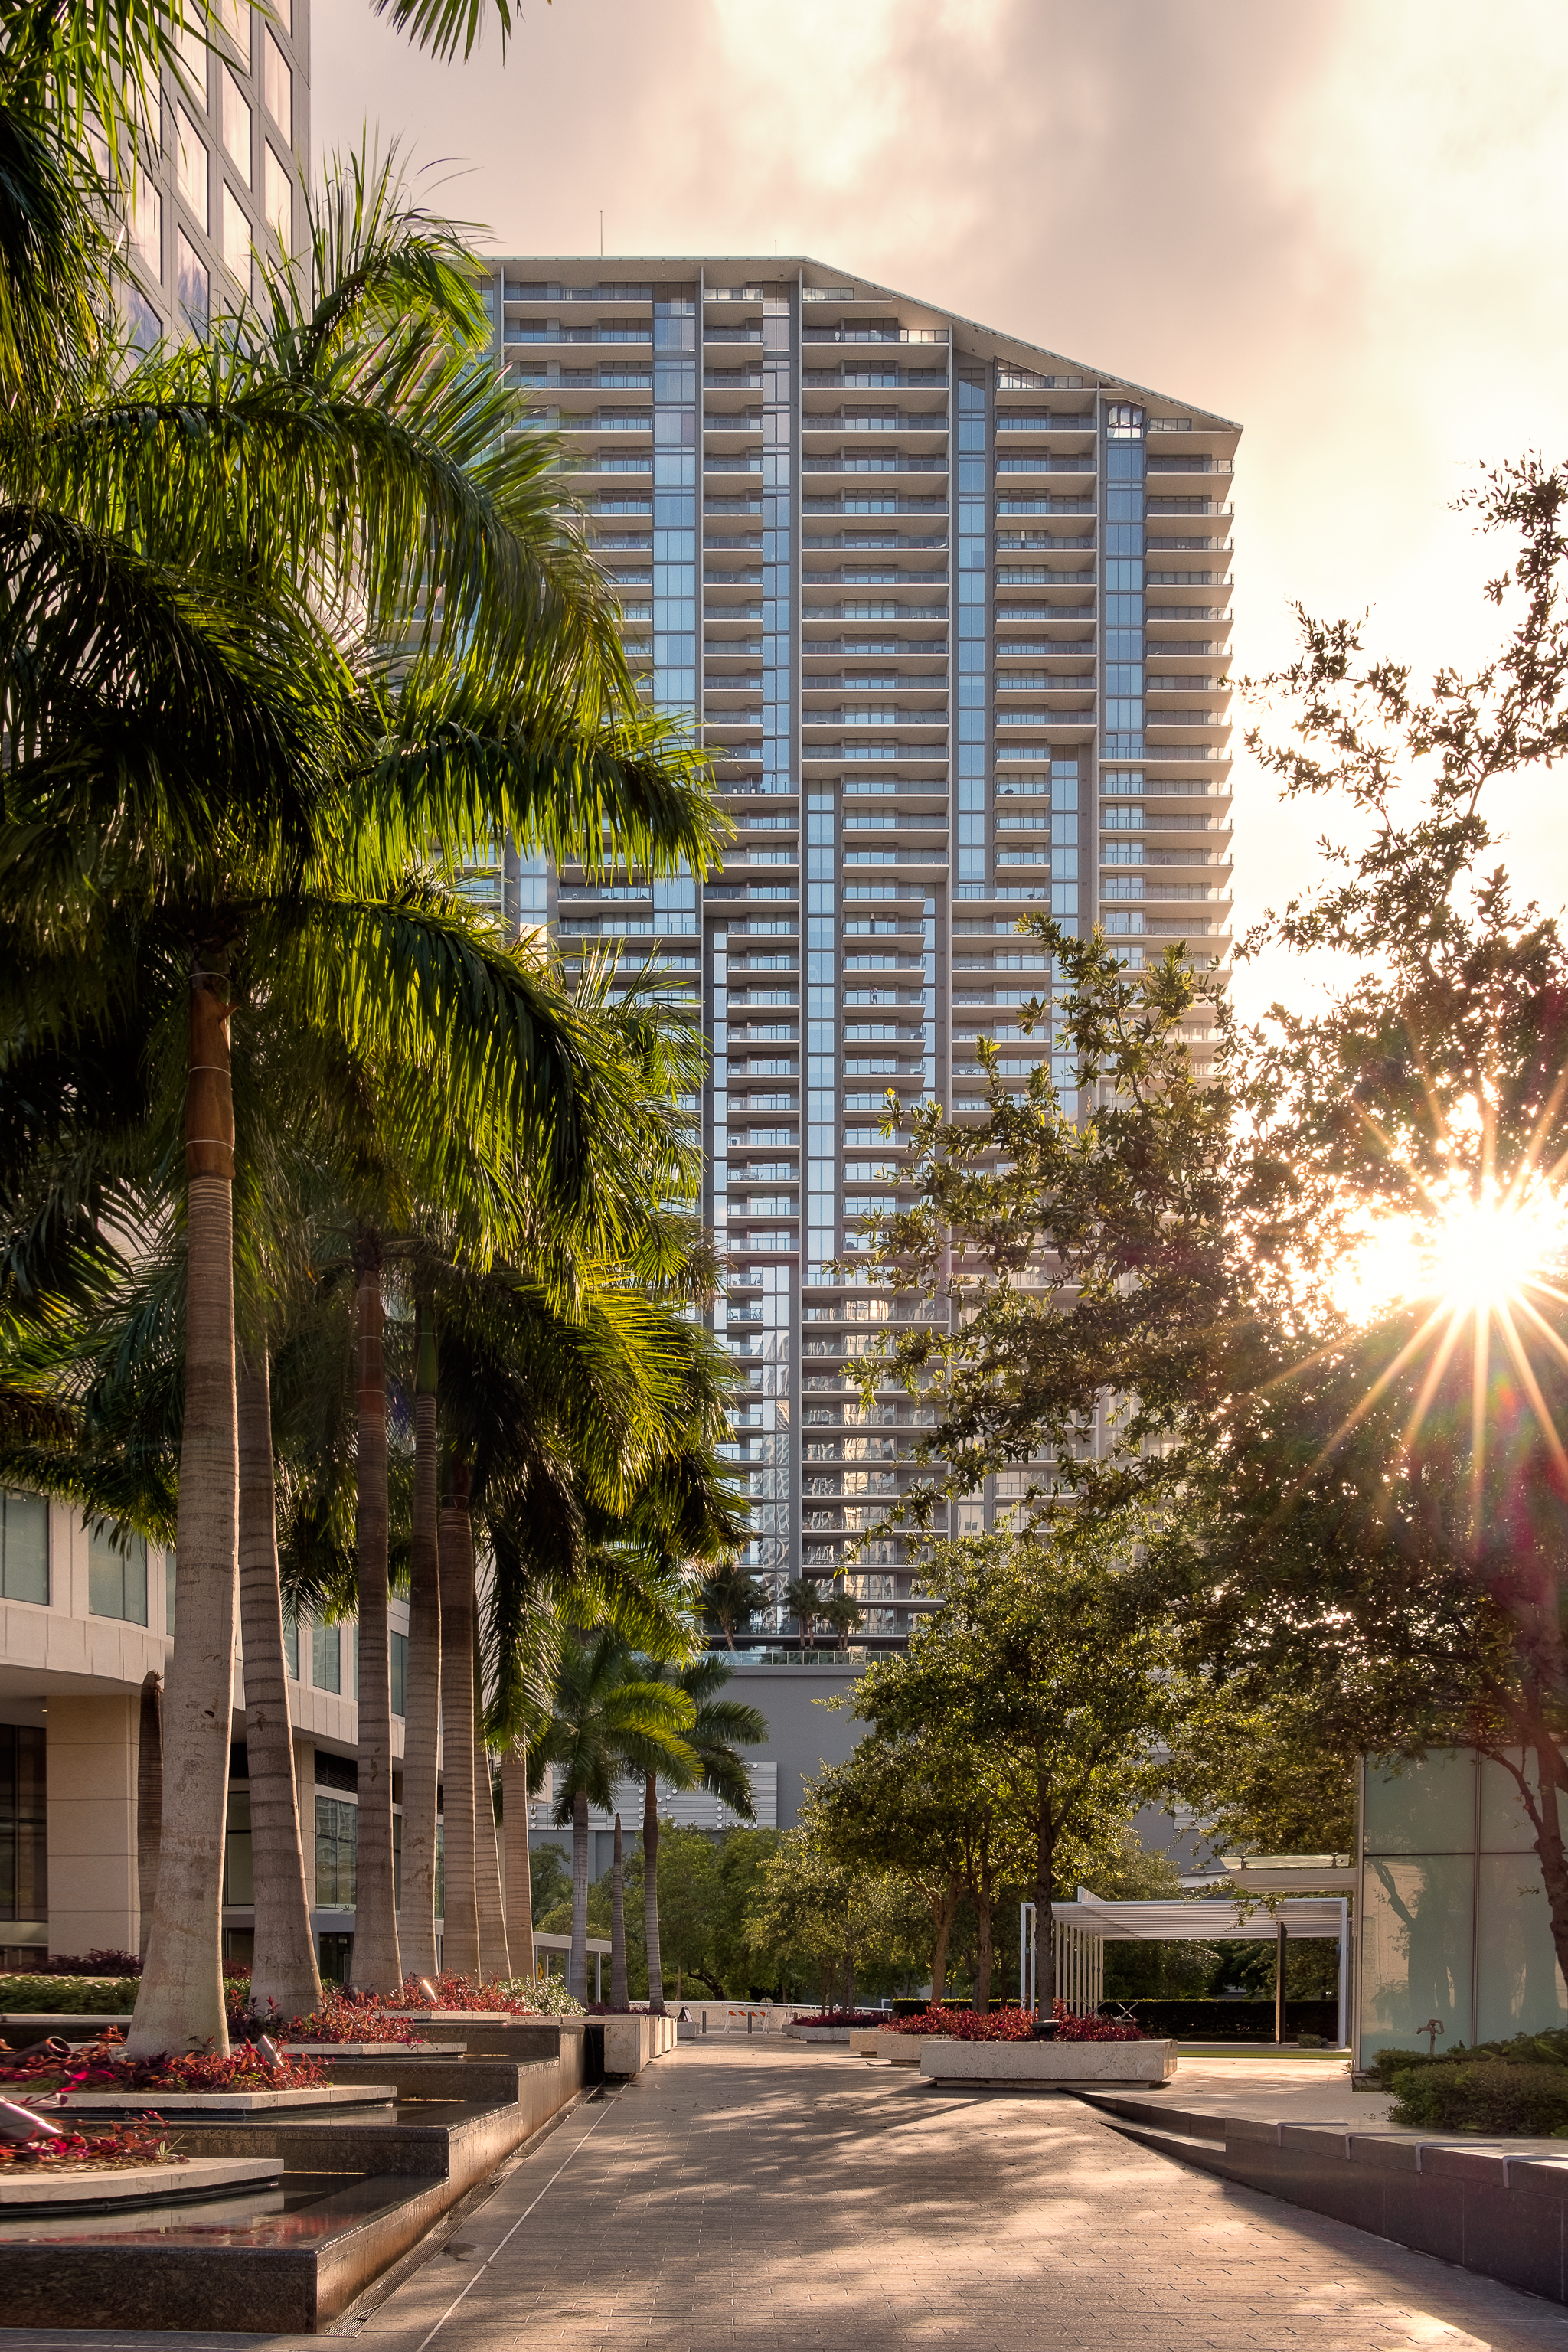 Reach at Brickell City Centre: Miami, FL